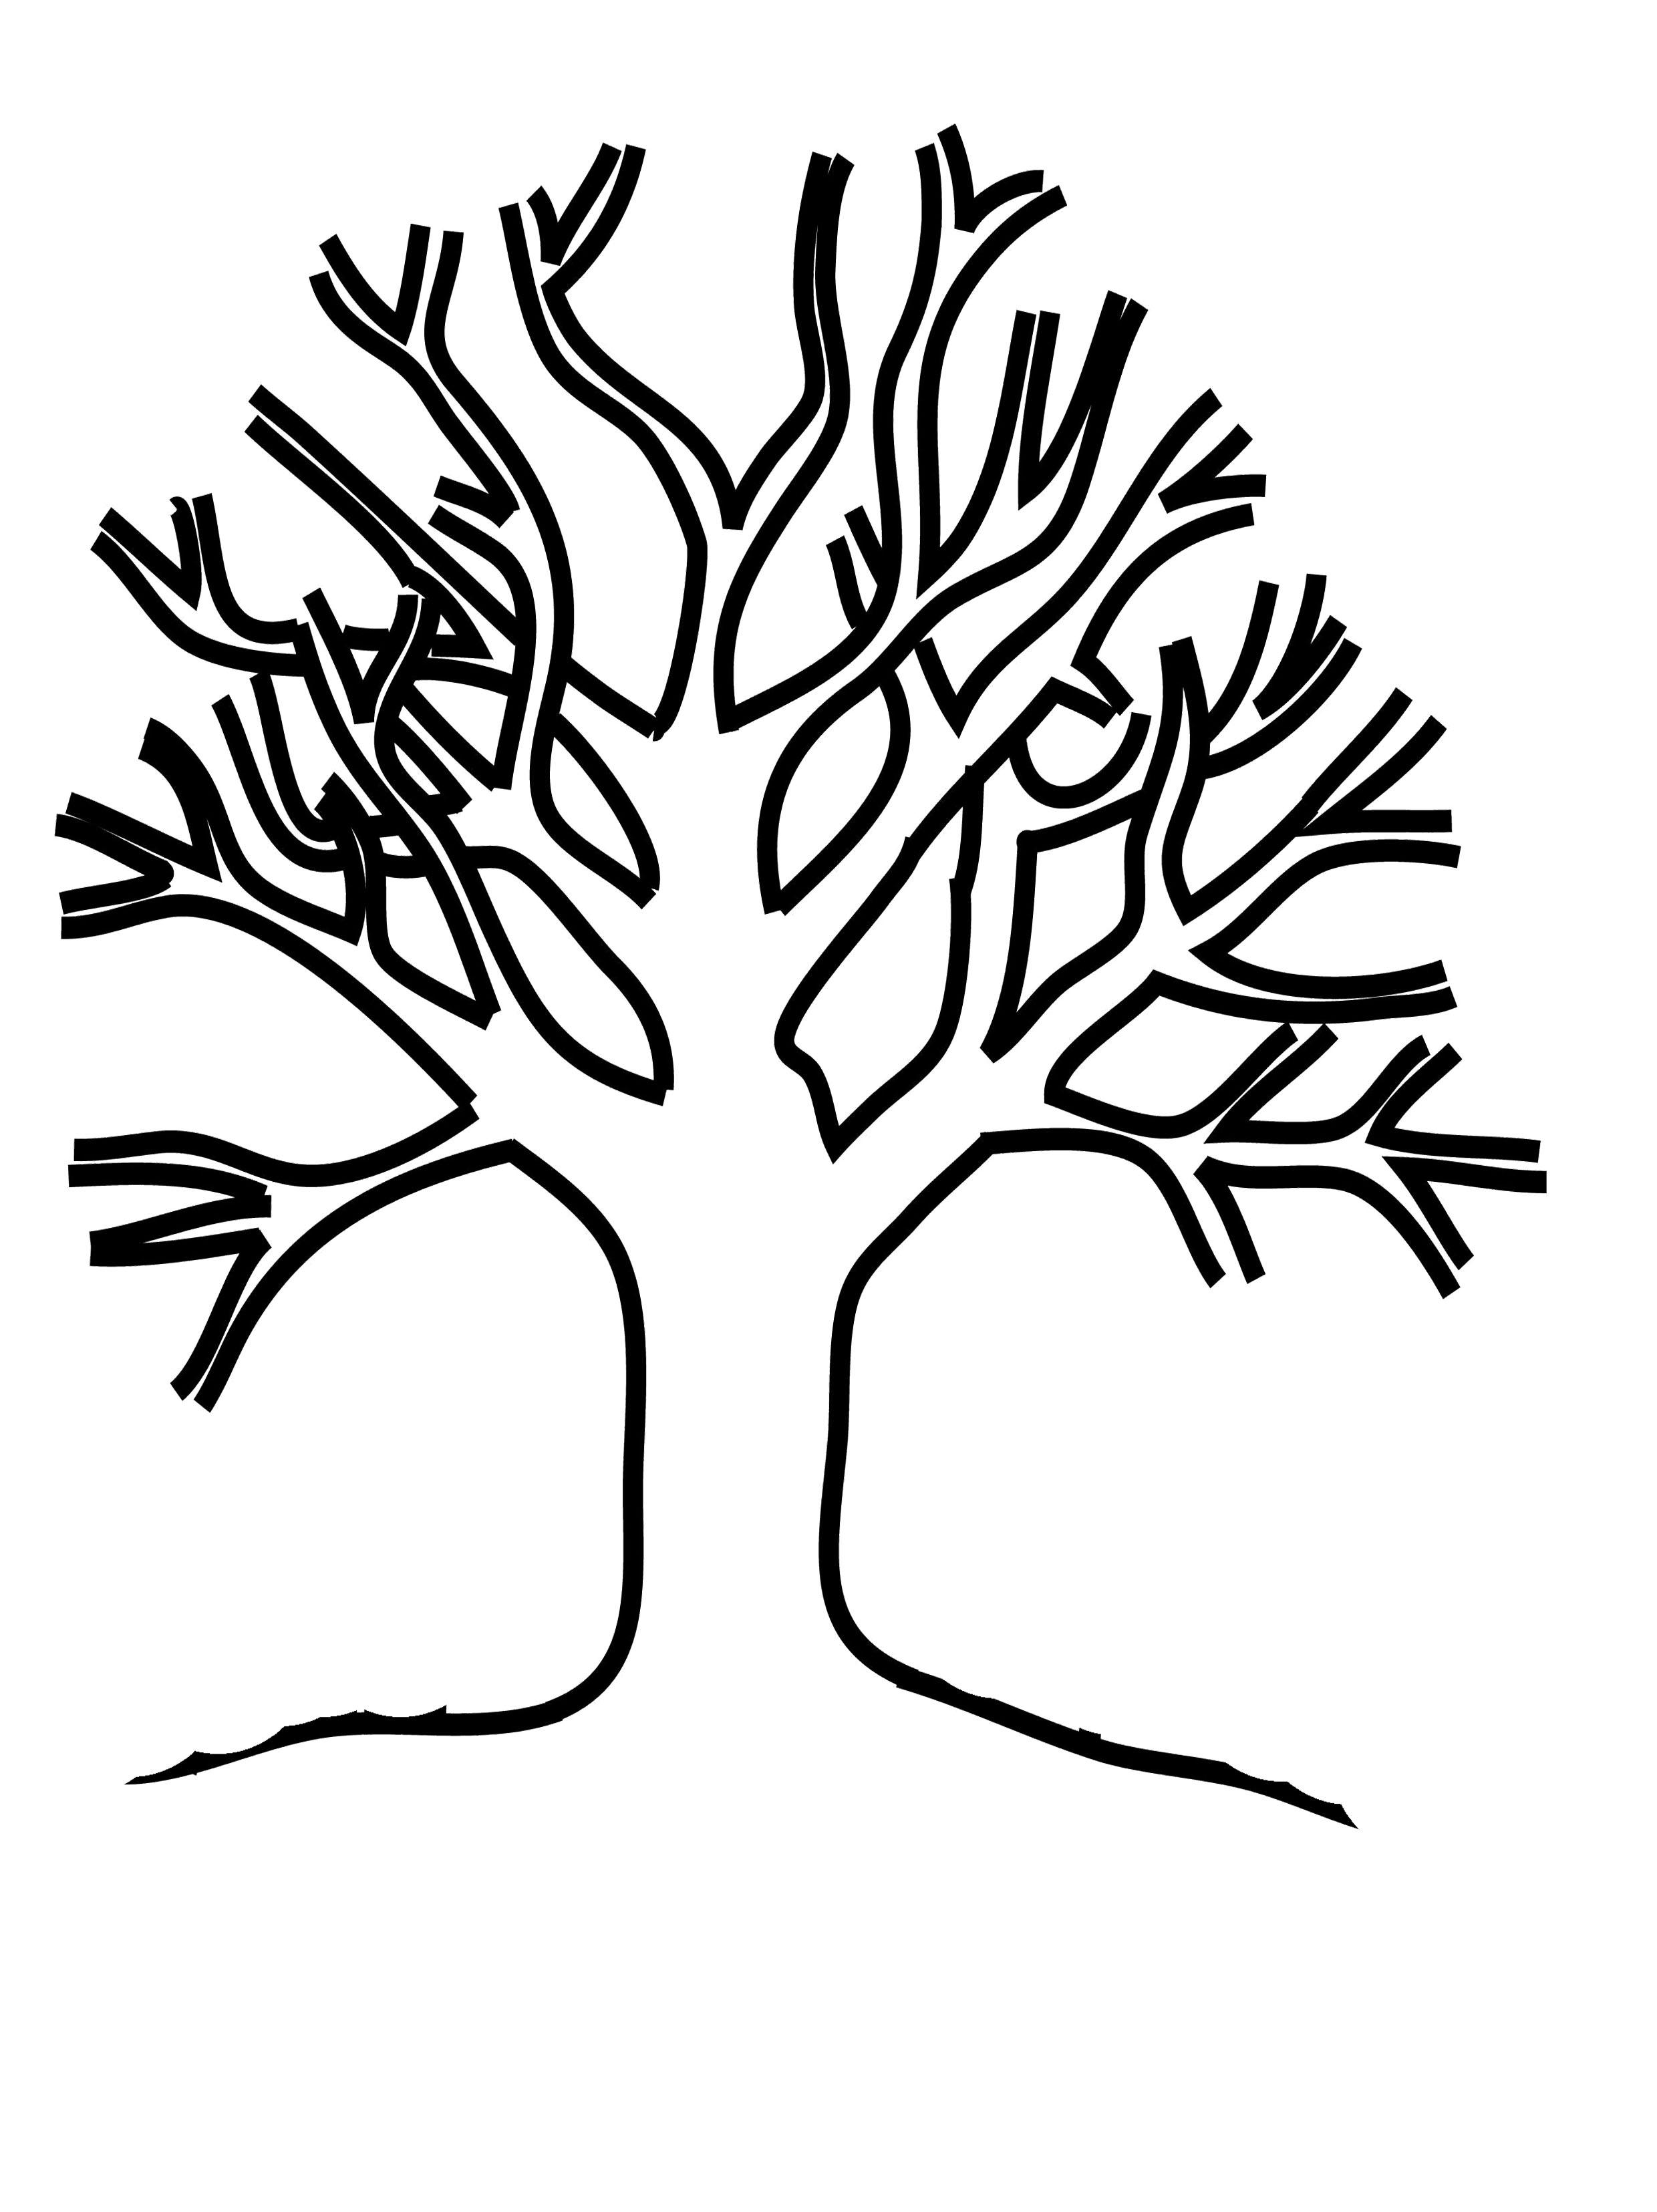 Родословное дерево раскраски